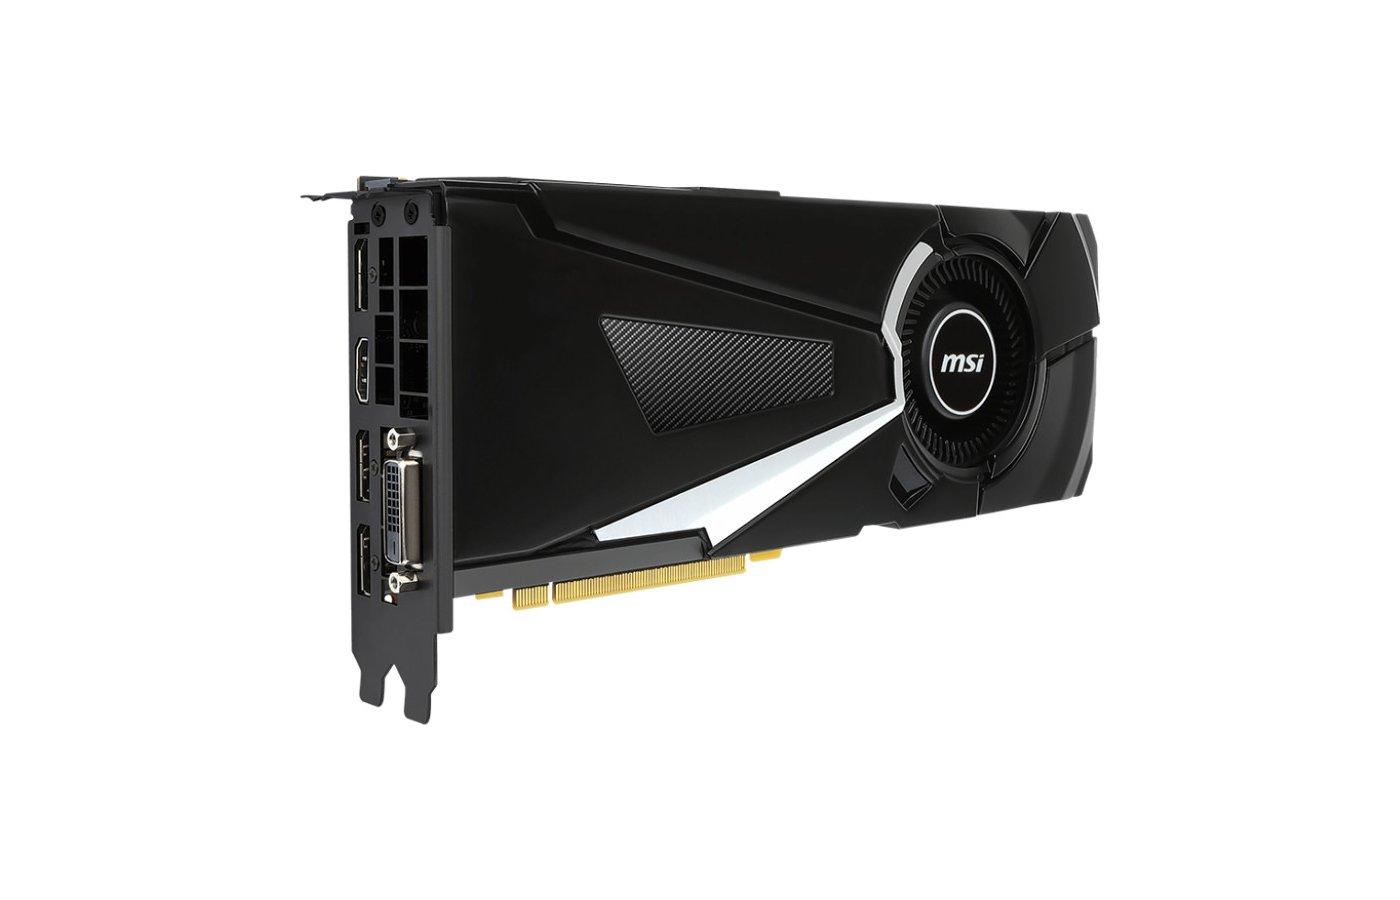 Видеокарта MSI PCI-E GTX 1070 AERO 8G OC nVidia GeForce GTX 1070 8192Mb 256bit Ret